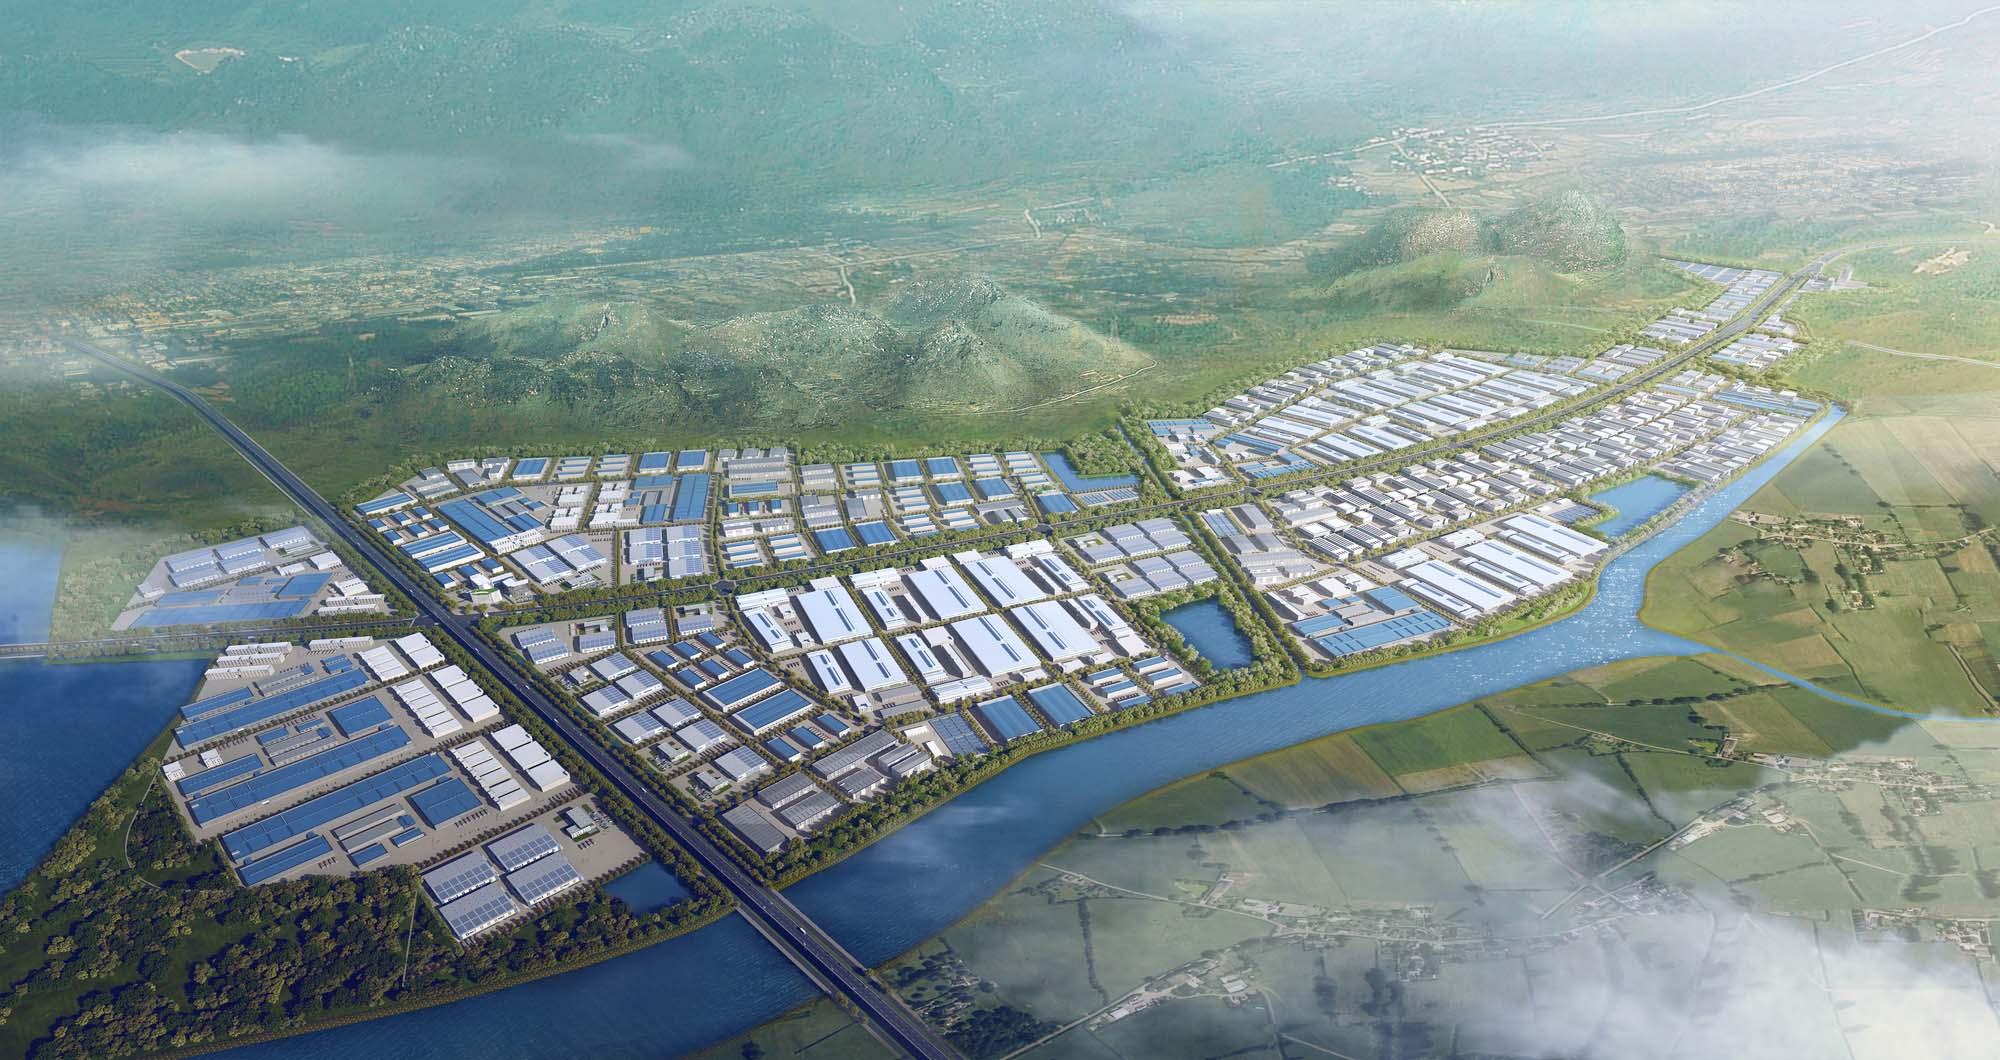 Thiết kế dự án khu công nghiệp Sông Khoai (Chủ đầu tư: Tập đoàn Amata Thái Lan)